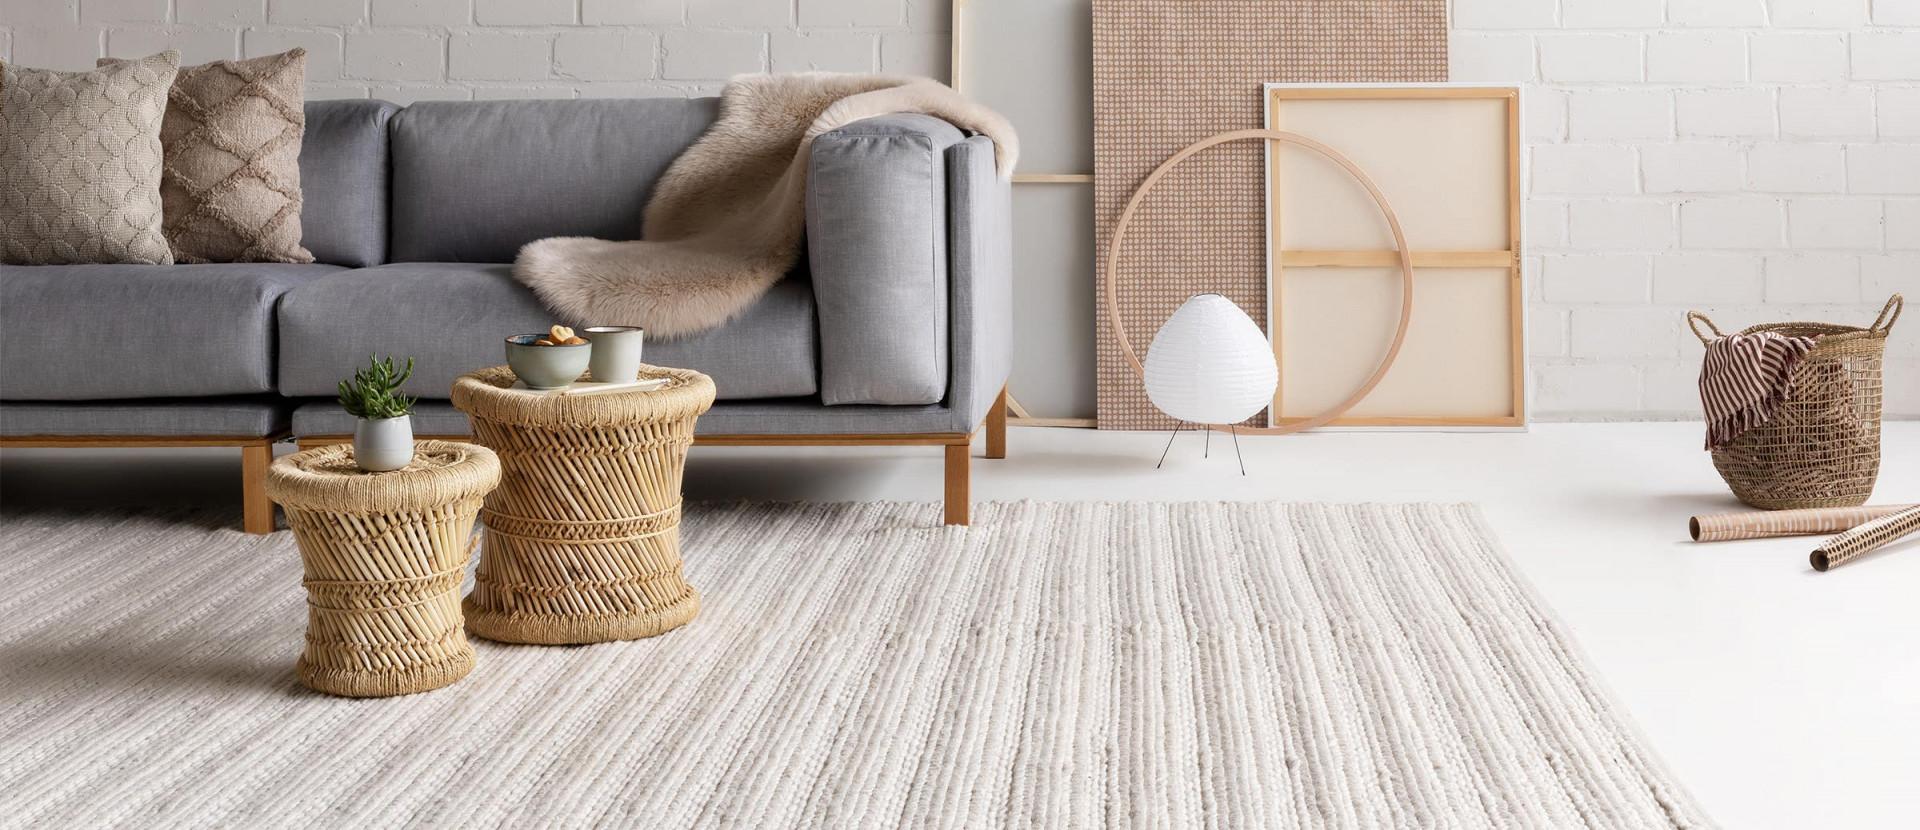 Welcher Teppich Passt Zu Mir  Hilfreiche Tipps von Teppich Groß Wohnzimmer Photo